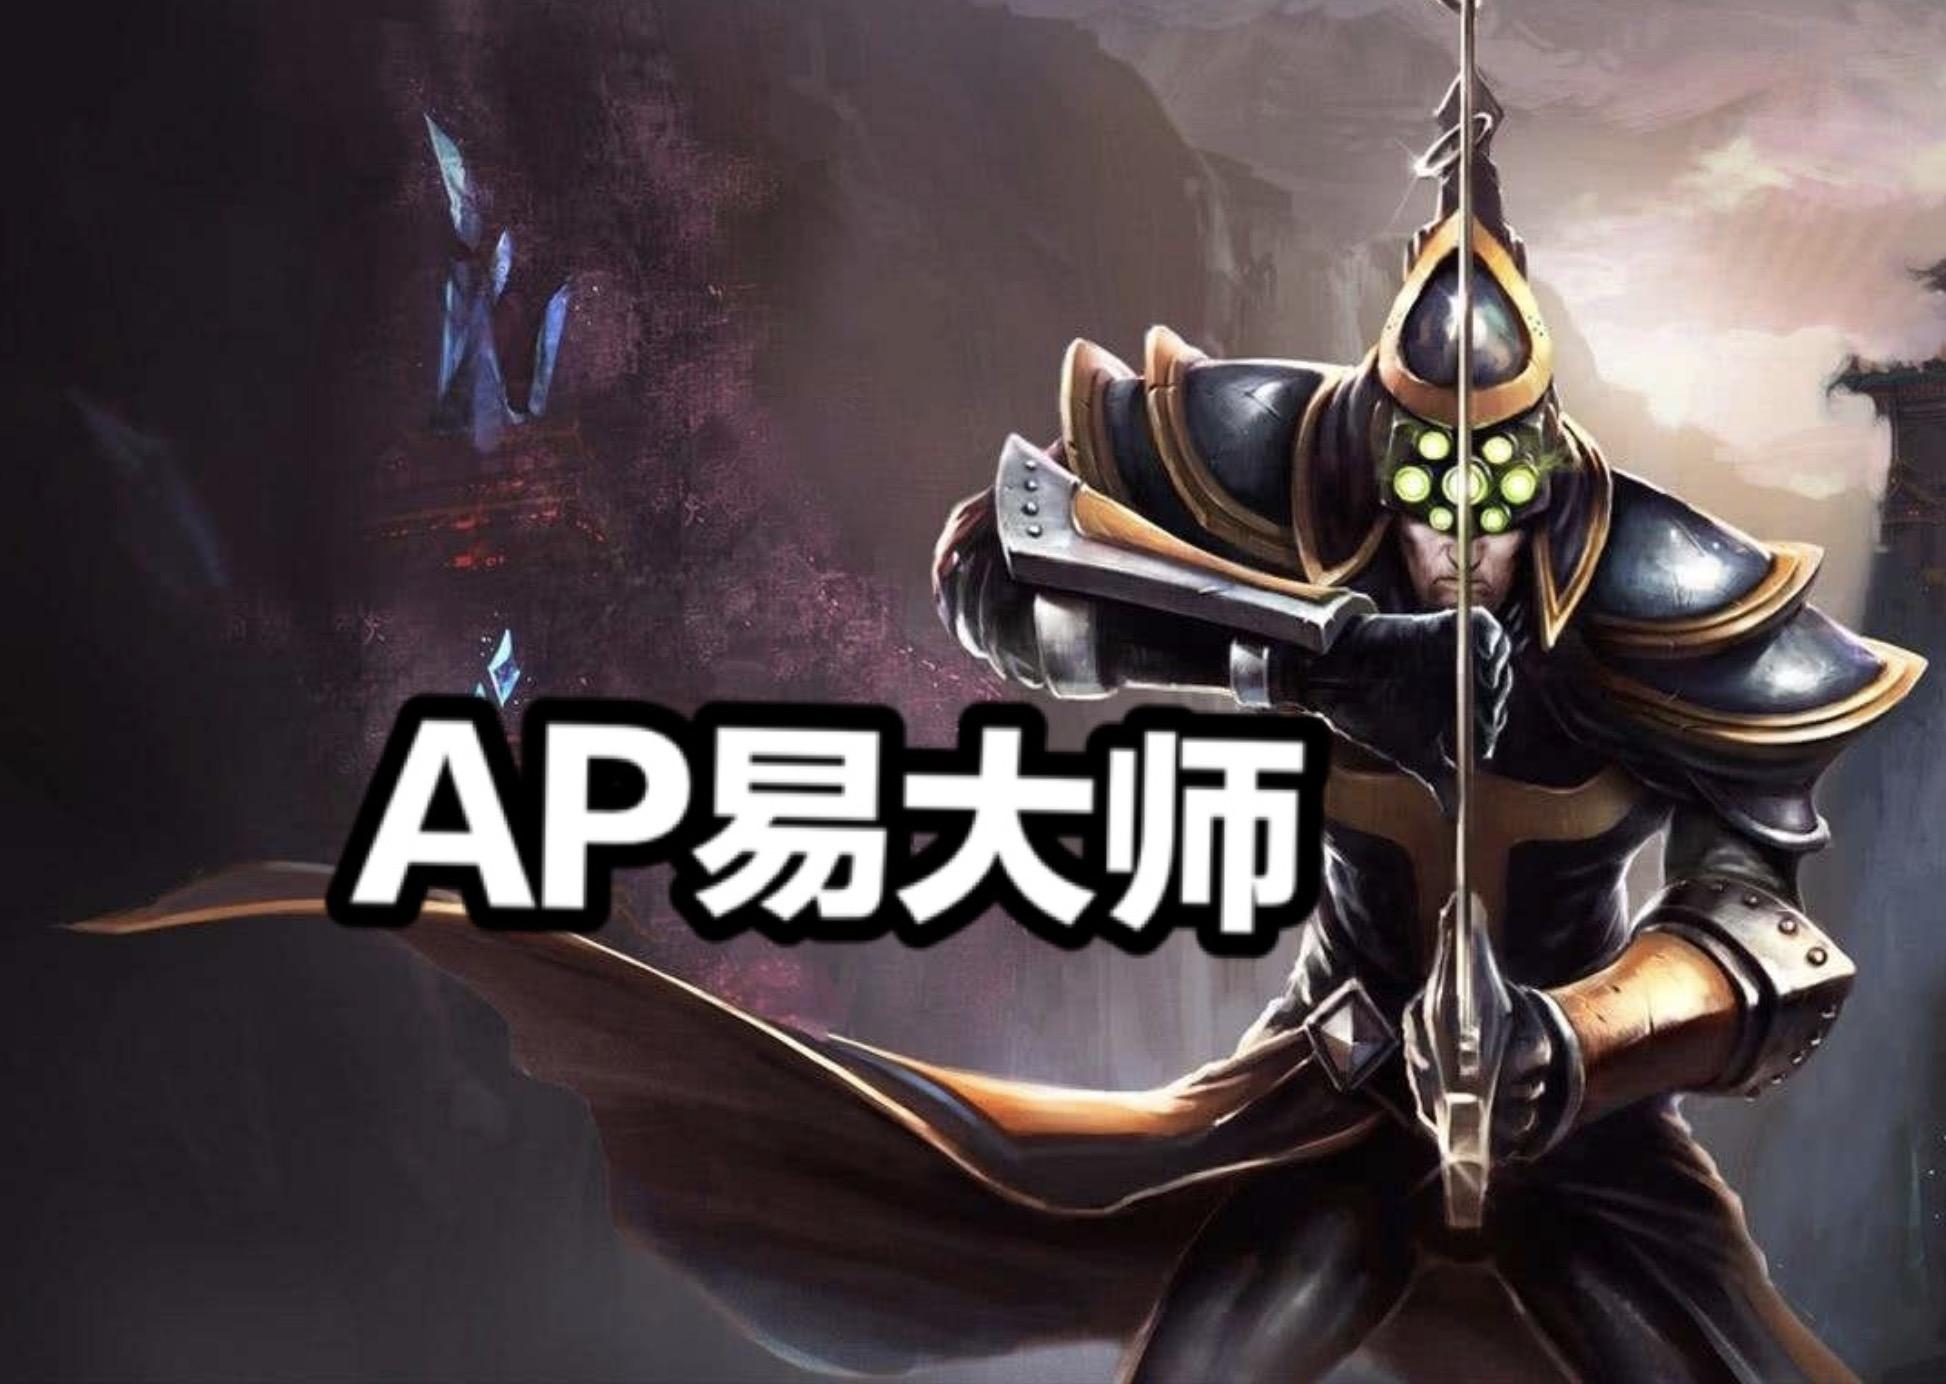 《LOL英雄联盟》赵信伪AP出装打法_玩游戏网